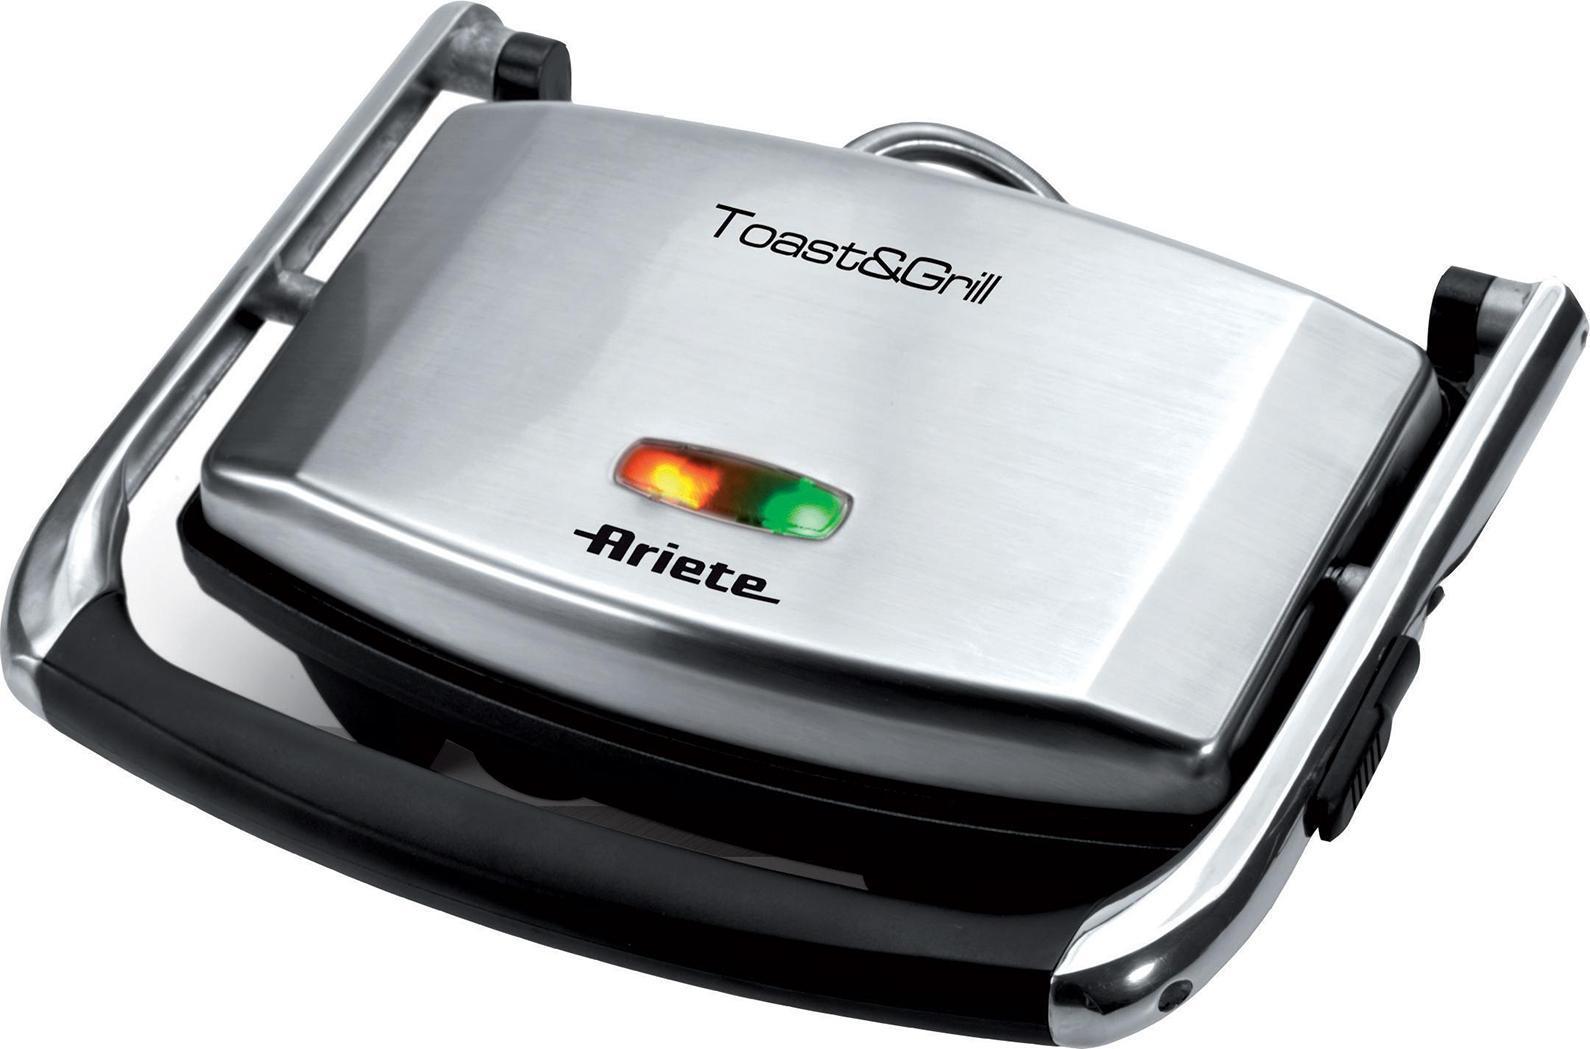 Ariete Toast & Grill Slim электрогриль1911Гриль Ariete Toast & Grill Slim – это удобный и простой в использовании прибор, с помощью которого вы сможете запекать мясо, рыбу, овощи,готовить сэндвичи и бутерброды-панини. Вы можете не использовать масло – блюда получатся сочными, но не жирными. Прибор имеет регулируемый термостат, что позволяет отлично прожаривать блюда. Световой индикатор готовности к работе подскажет вам,когда можно будет начинать приготовление. Прибор очень компактный, он поместится даже на крошечной кухне, а весит эта модель всего 2 кг –перед вами удобный и надежный помощник.Купить Ariete 1911 – получить гриль, с помощью которого вы сможете создавать настоящие кулинарные шедевры. Ребристые пластины позволяютзапекать еду таким образом, что на ней остаются аппетитные небольшие полоски. Прибор имеет антипригарное покрытие, поэтому блюда всегдабудут приготовлены идеально.Цена гриля Ariete вам понравится. Если хотите приобрести надежный, стильный, качественный и функциональный гриль, эта модель – то, что вамнужно. Пластины у гриля съемные, что очень важно – если вы пробовали чистить гриль, пластины которого не снимаются, оцените этопреимущество. Важная деталь – отсек для хранения шнура. После завершения приготовления смотайте шнур и положите в отсек.